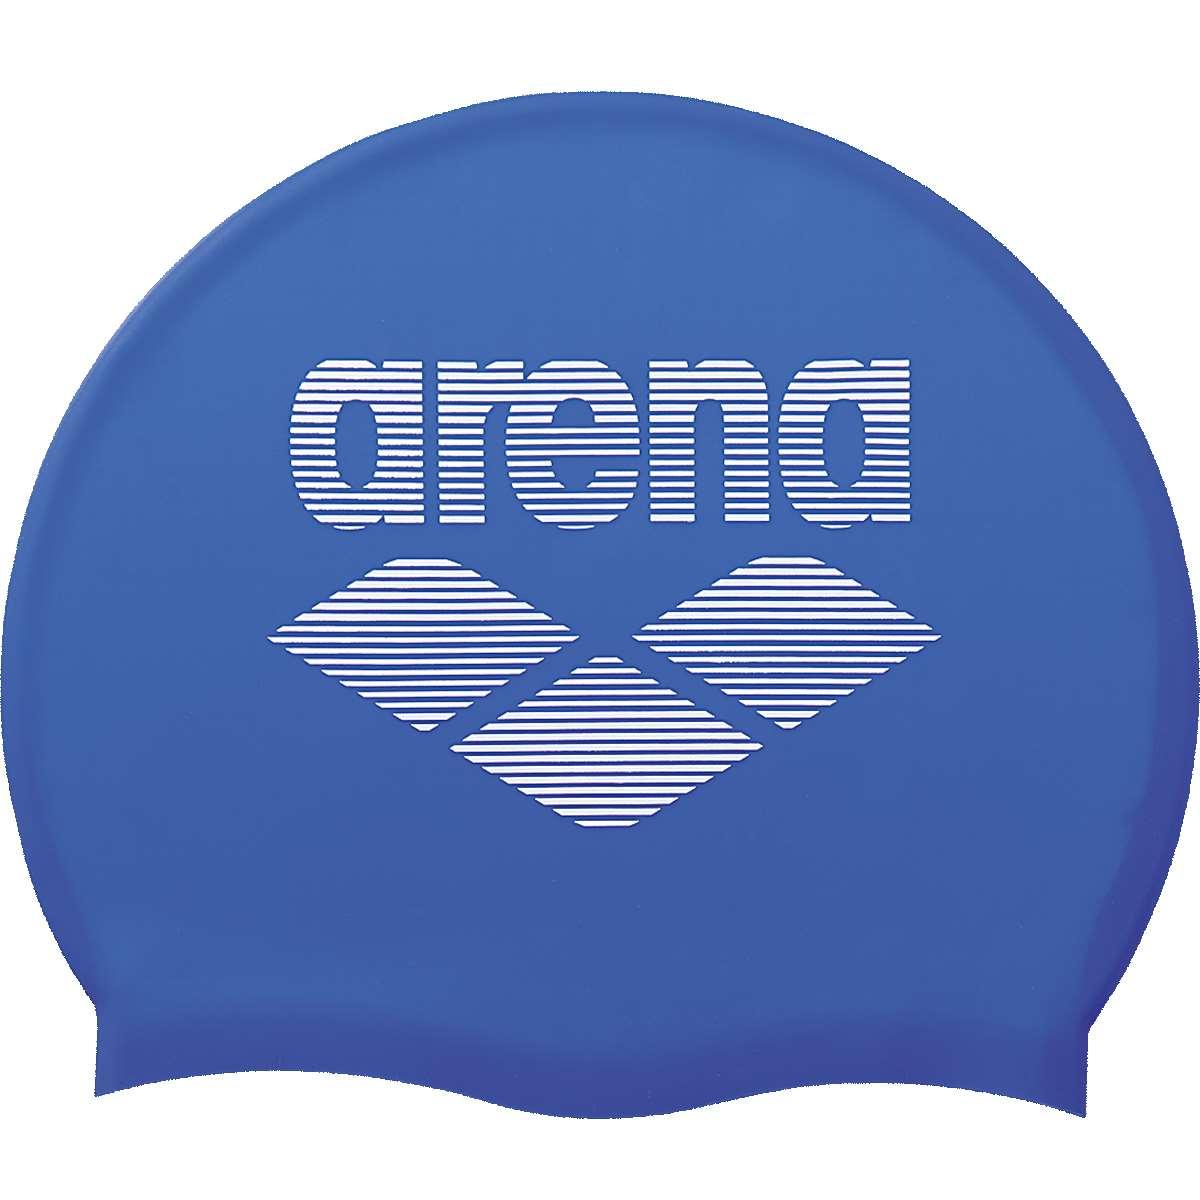 メール便送料無料 贈与 arena アリーナ キャップ 帽子 水泳 ストアー 水泳帽 ARN-6400 シリコンキャップ Rブルー×ホワイト